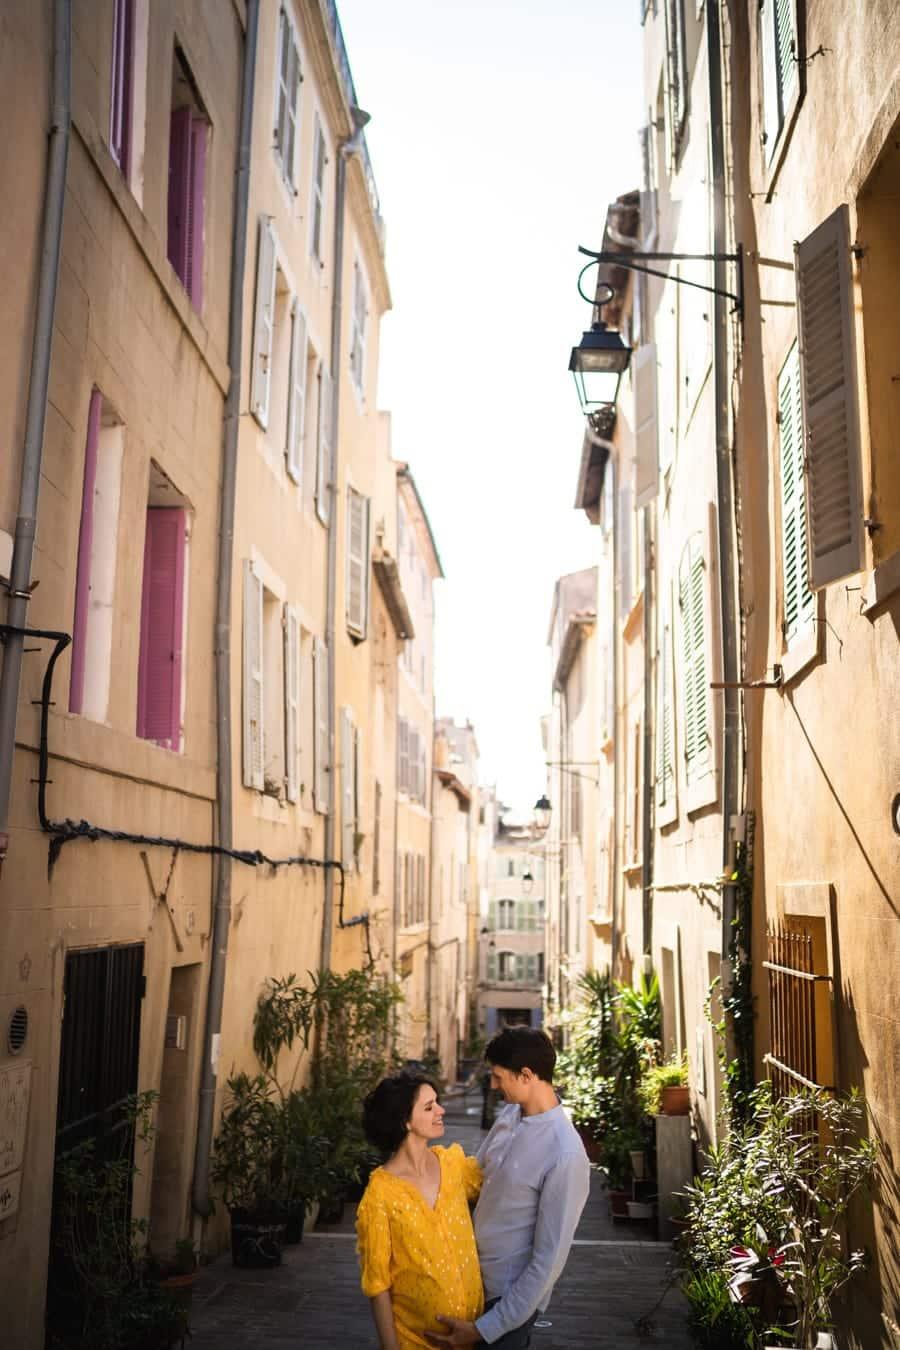 photographe pro dans les rues du panier à marseille